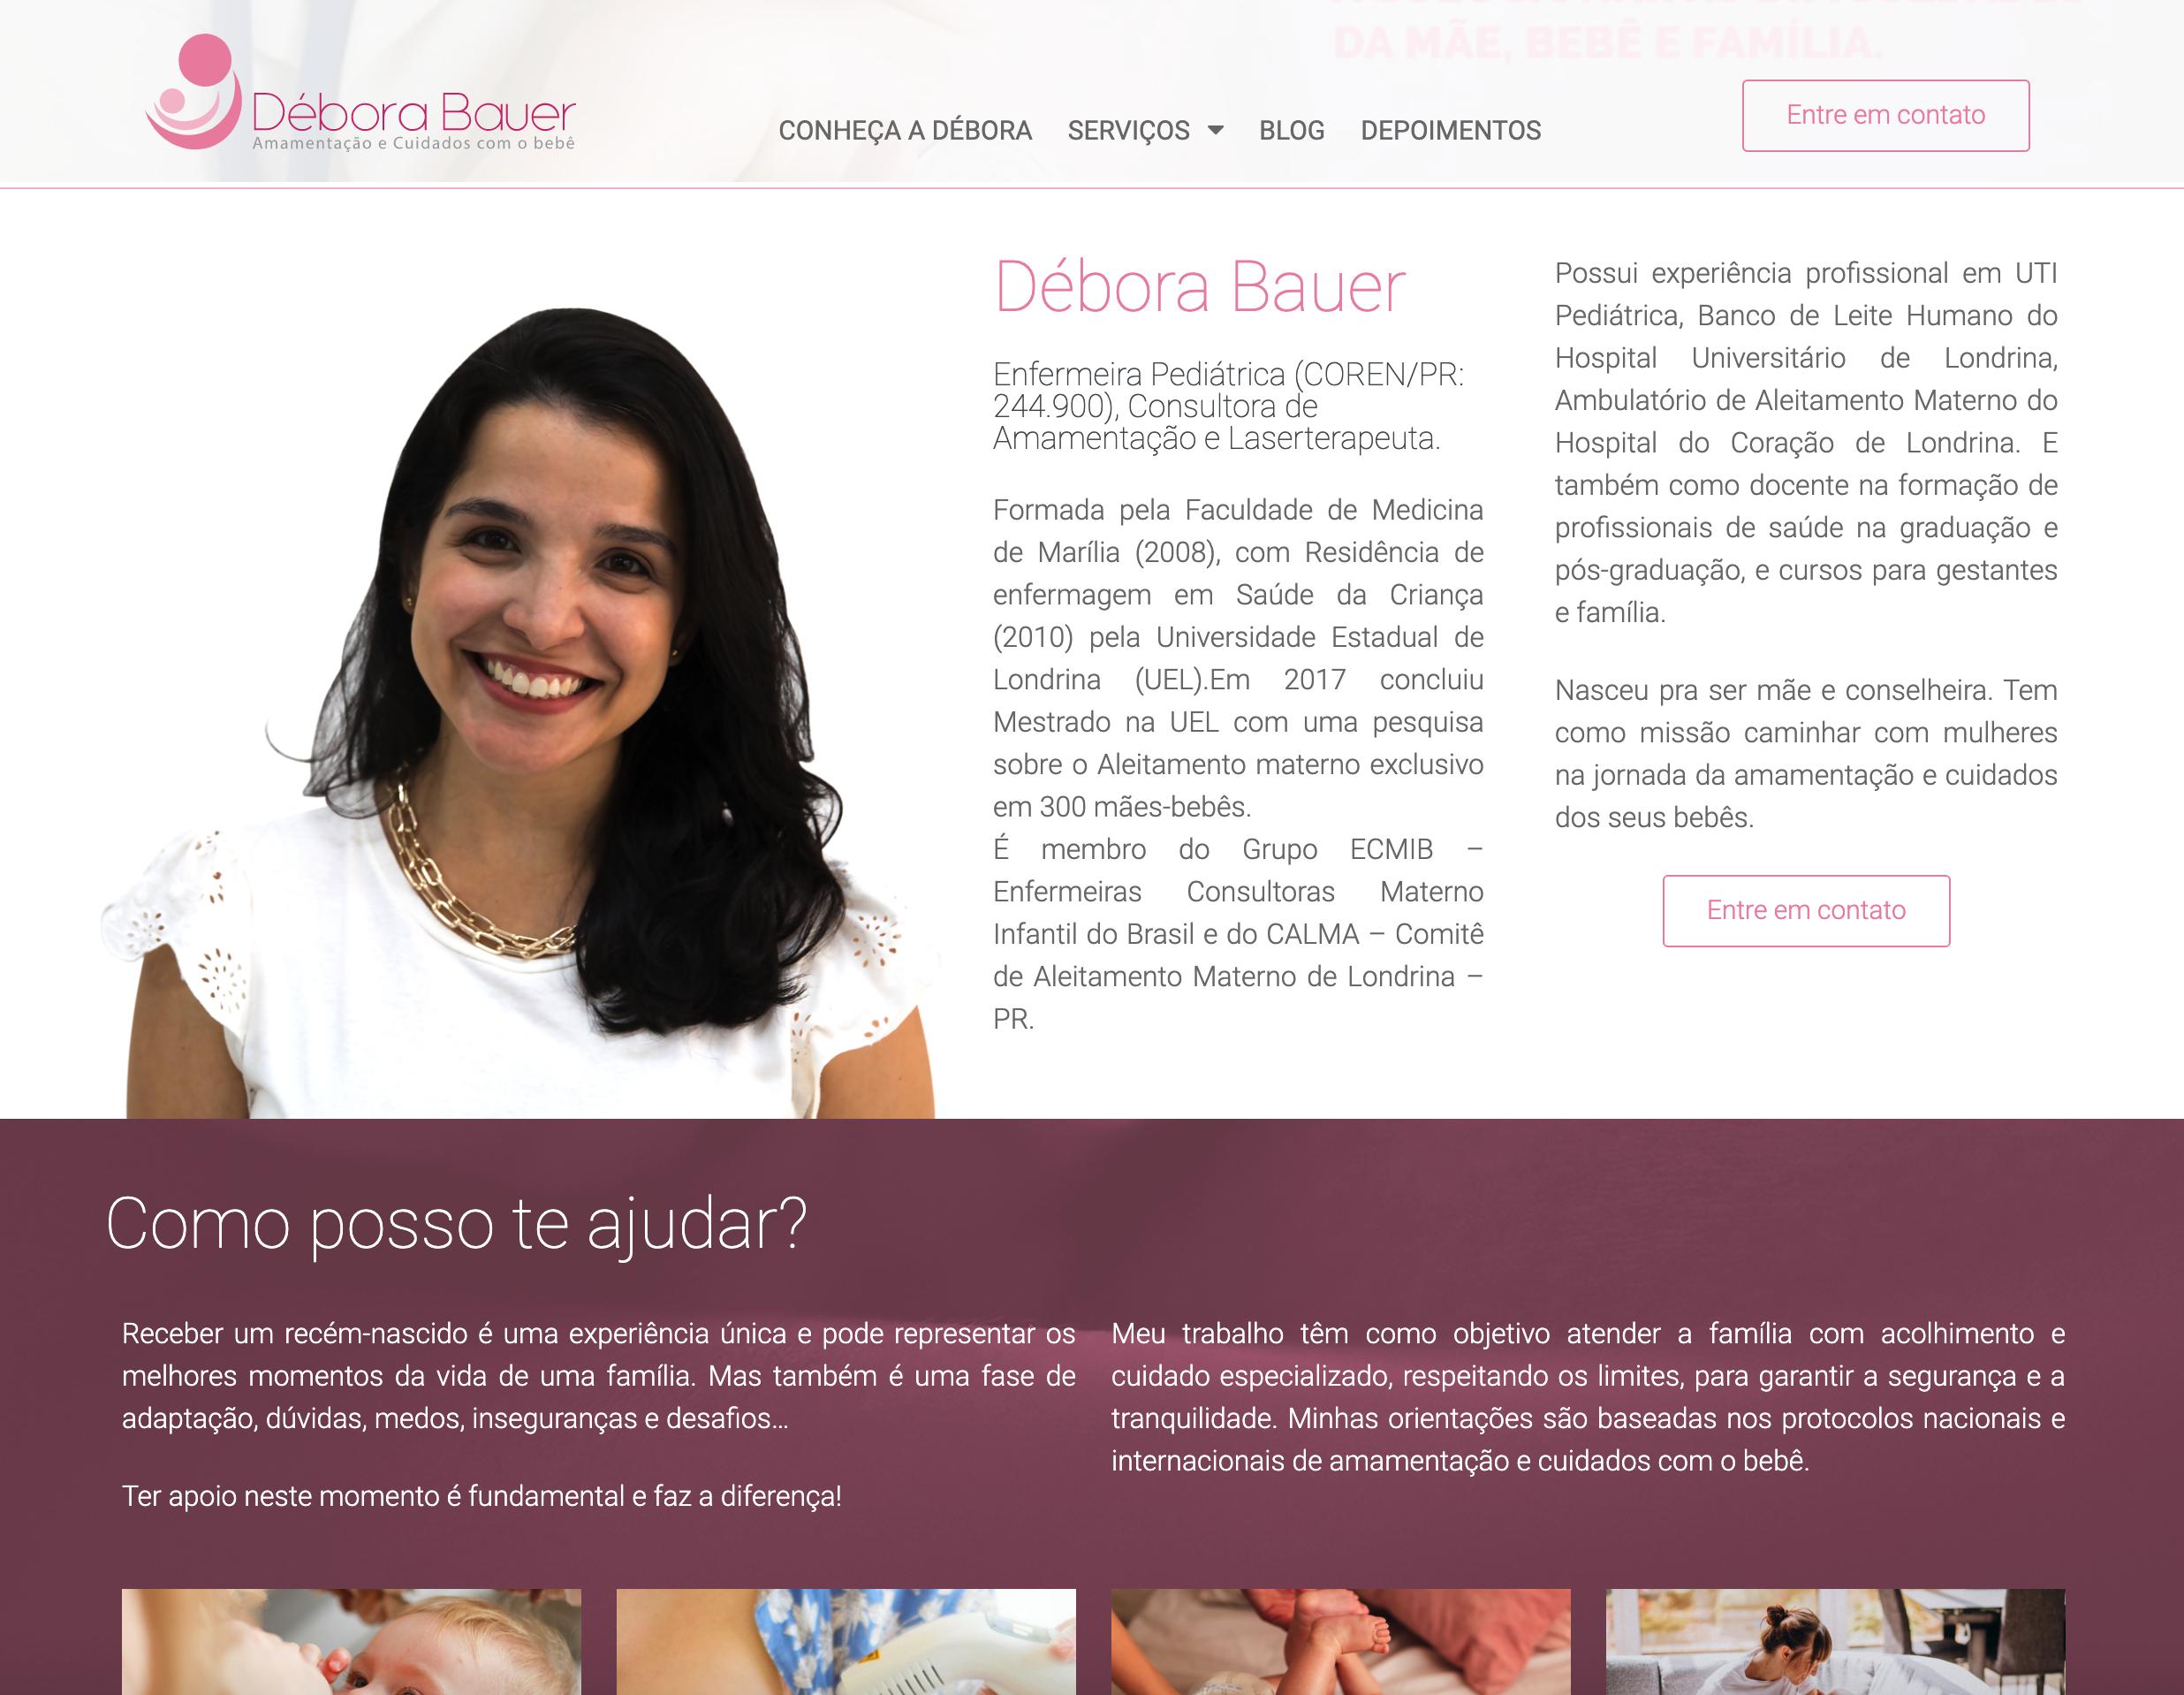 https://www.deborabauer.com.br/